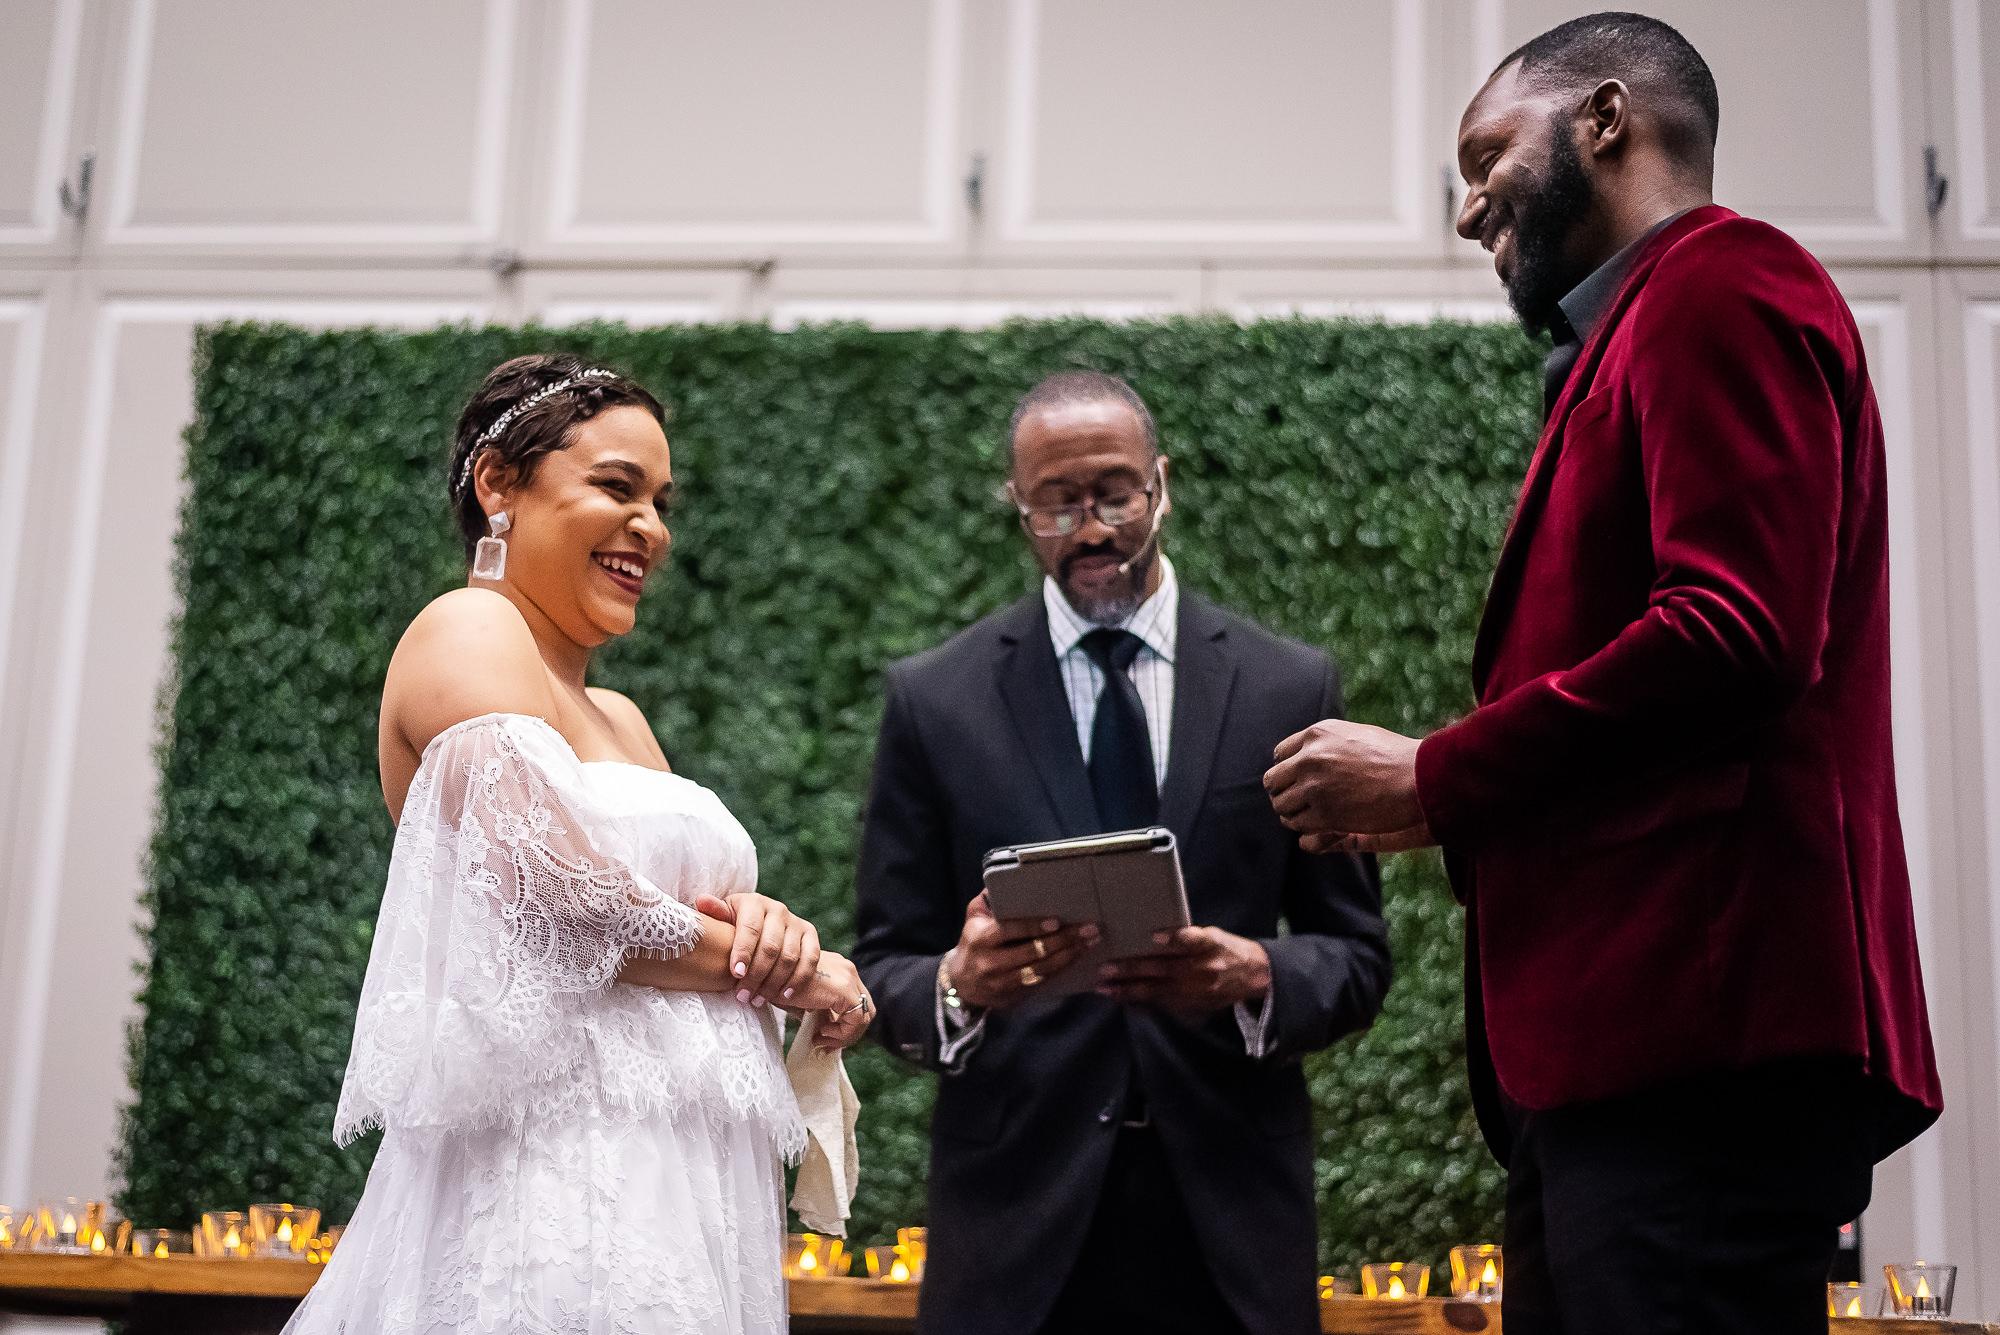 036-036-christopher-jason-studios-university-of-maryland-wedding-raheem-Devaughn-african-american-bride-and-groom.jpg